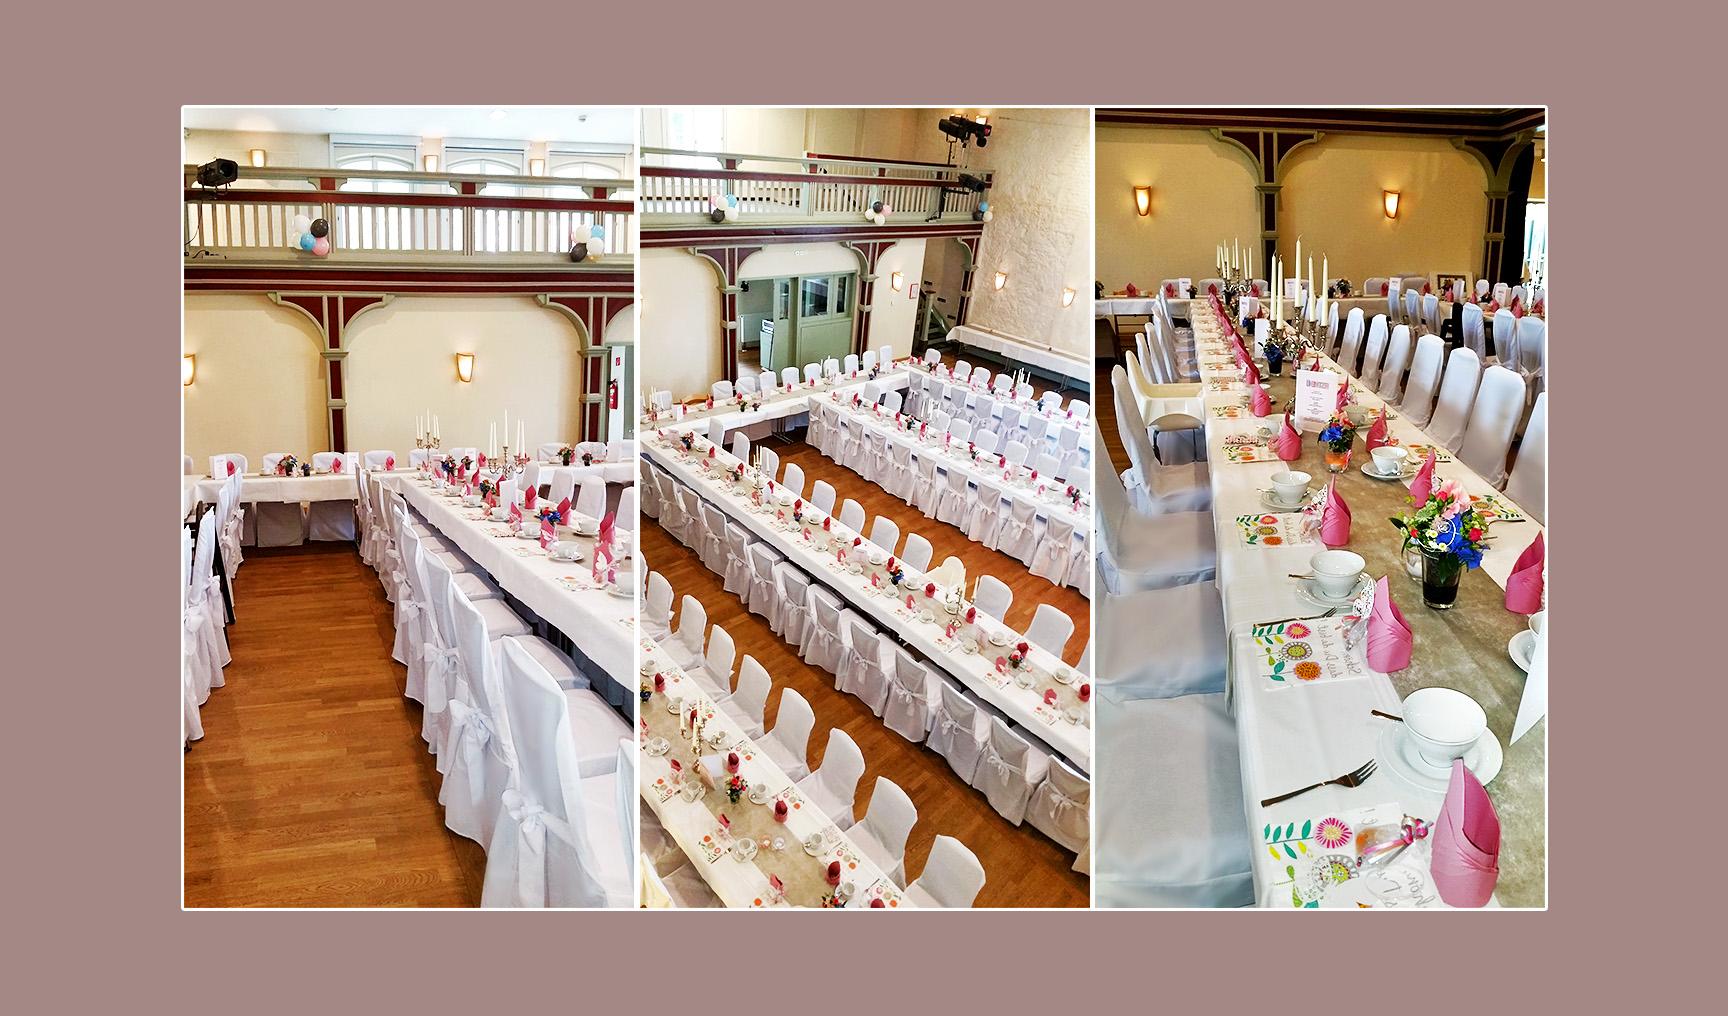 Gasthaus Bergbräu Hochzeitslocation in Arzberg, Oberfranken 200 Personen